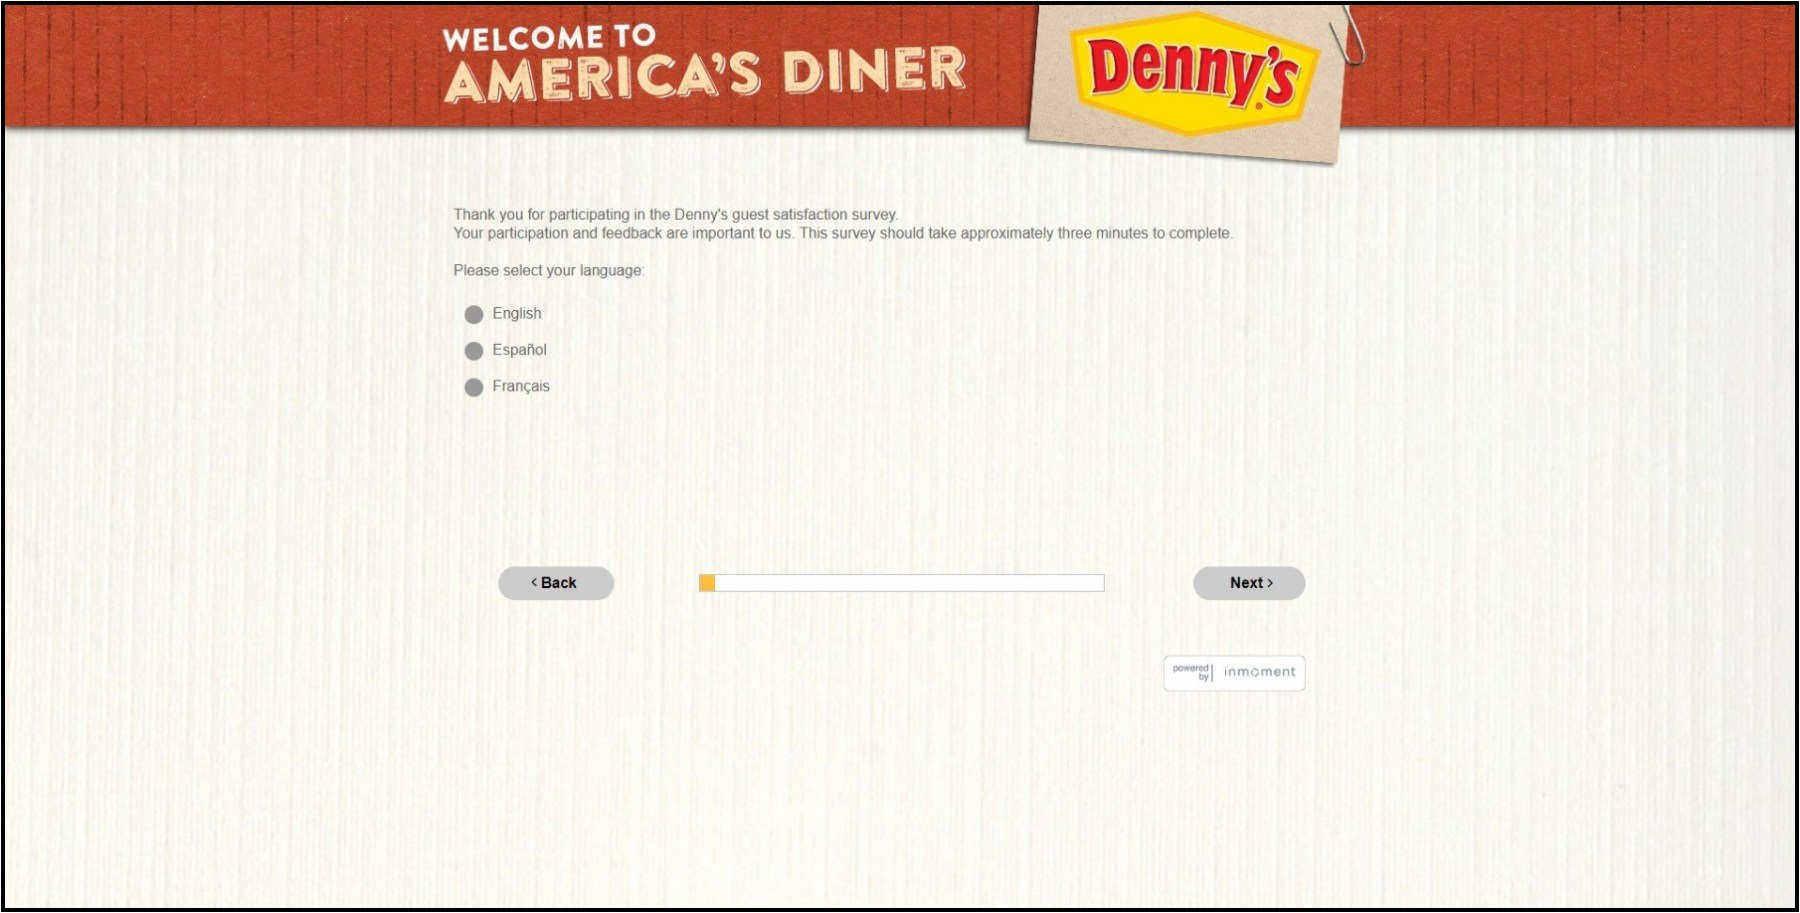 www.DennysListens.com